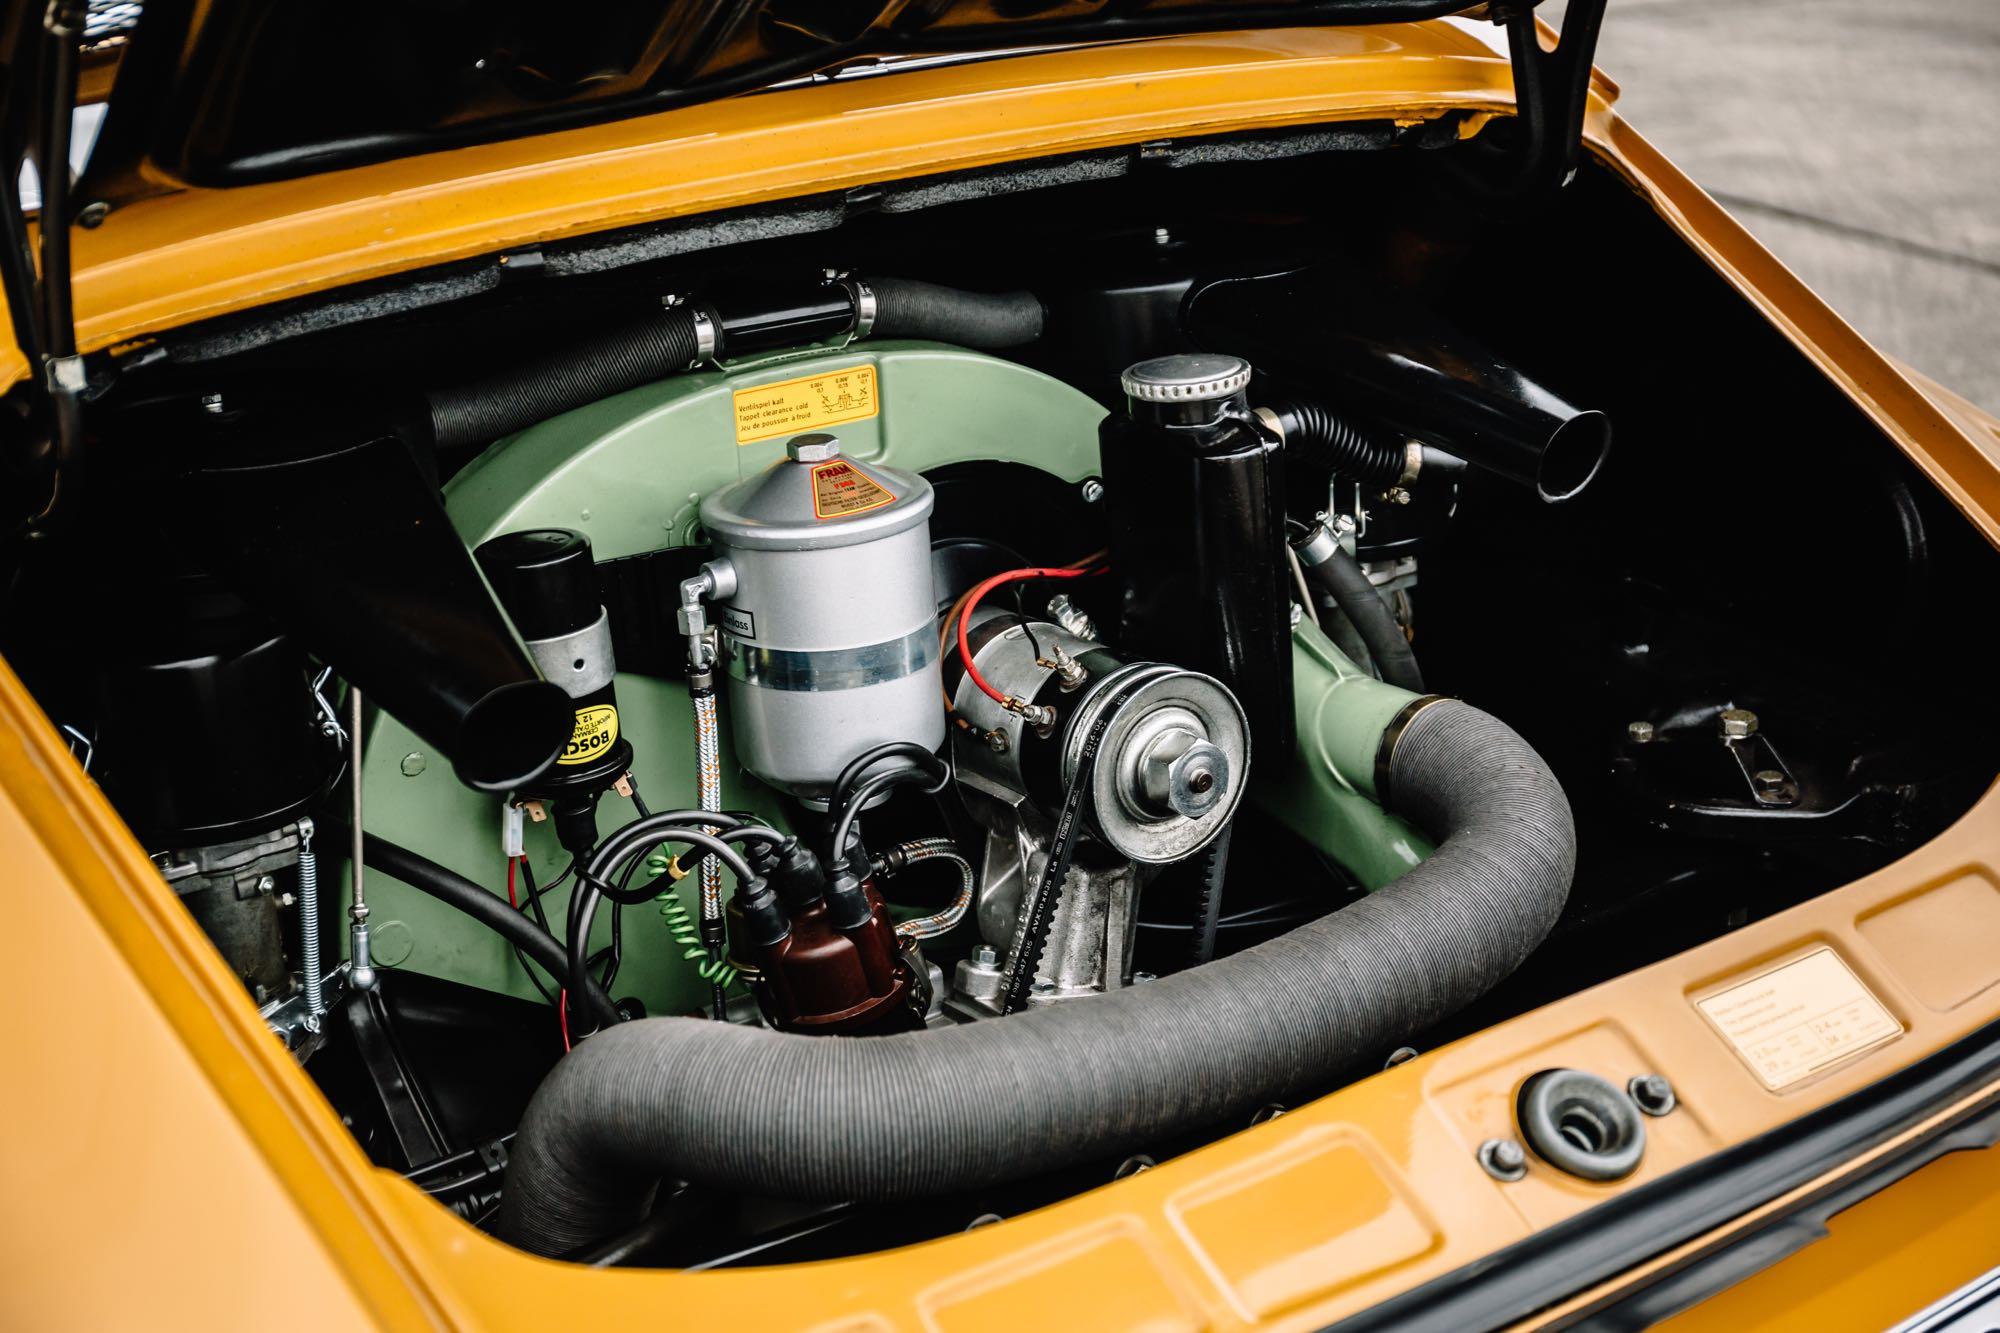 4-Zylinder Heckmotor des 912ers mit 90 PS